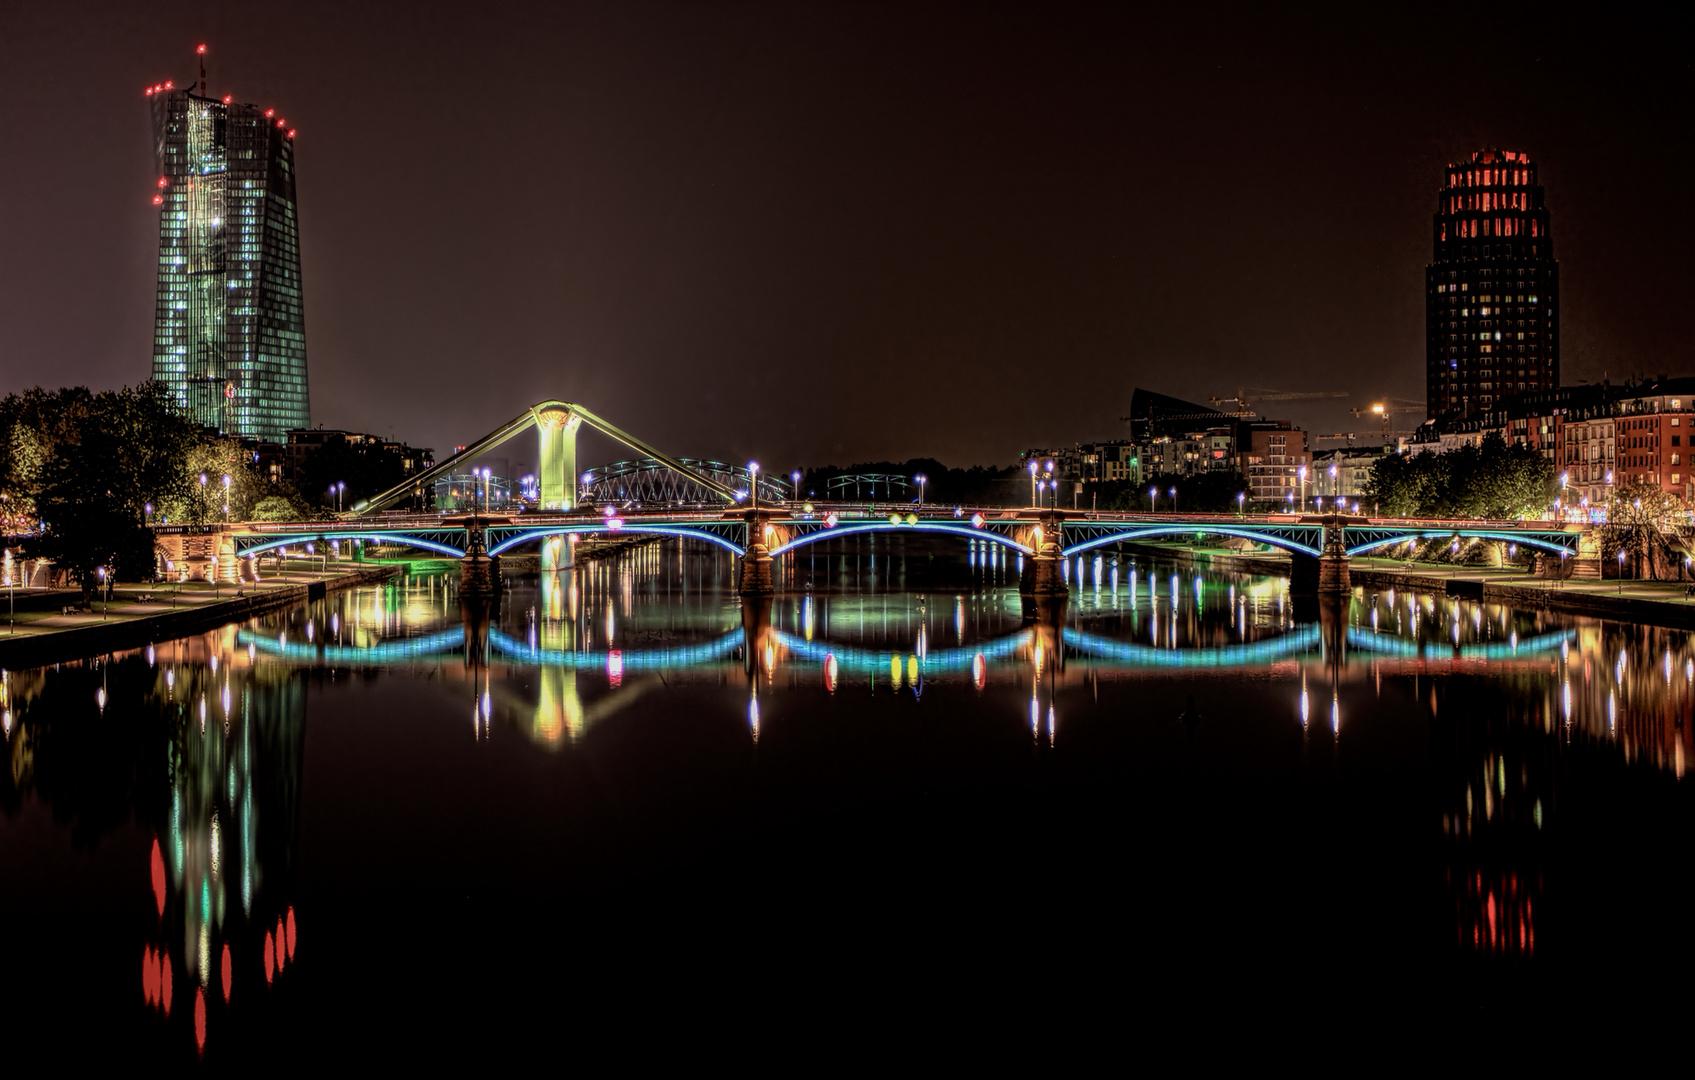 EZB & Ignaz Bubis Brücke